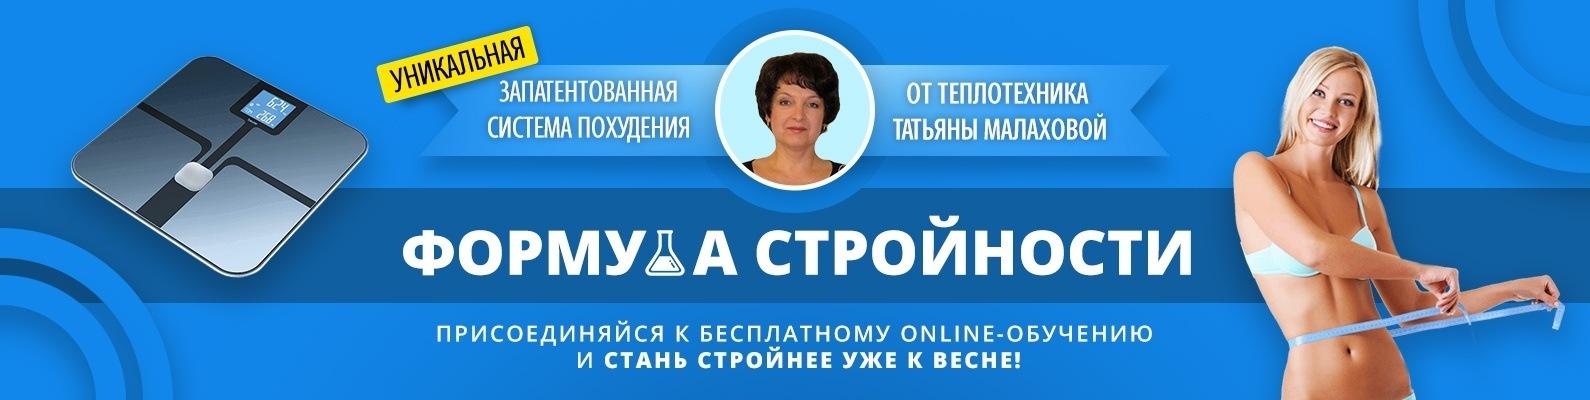 Теплоэнергетика Малаховой Для Похудения. Кто такая Татьяна Малахова, и почему её «диета дружбы» работает?